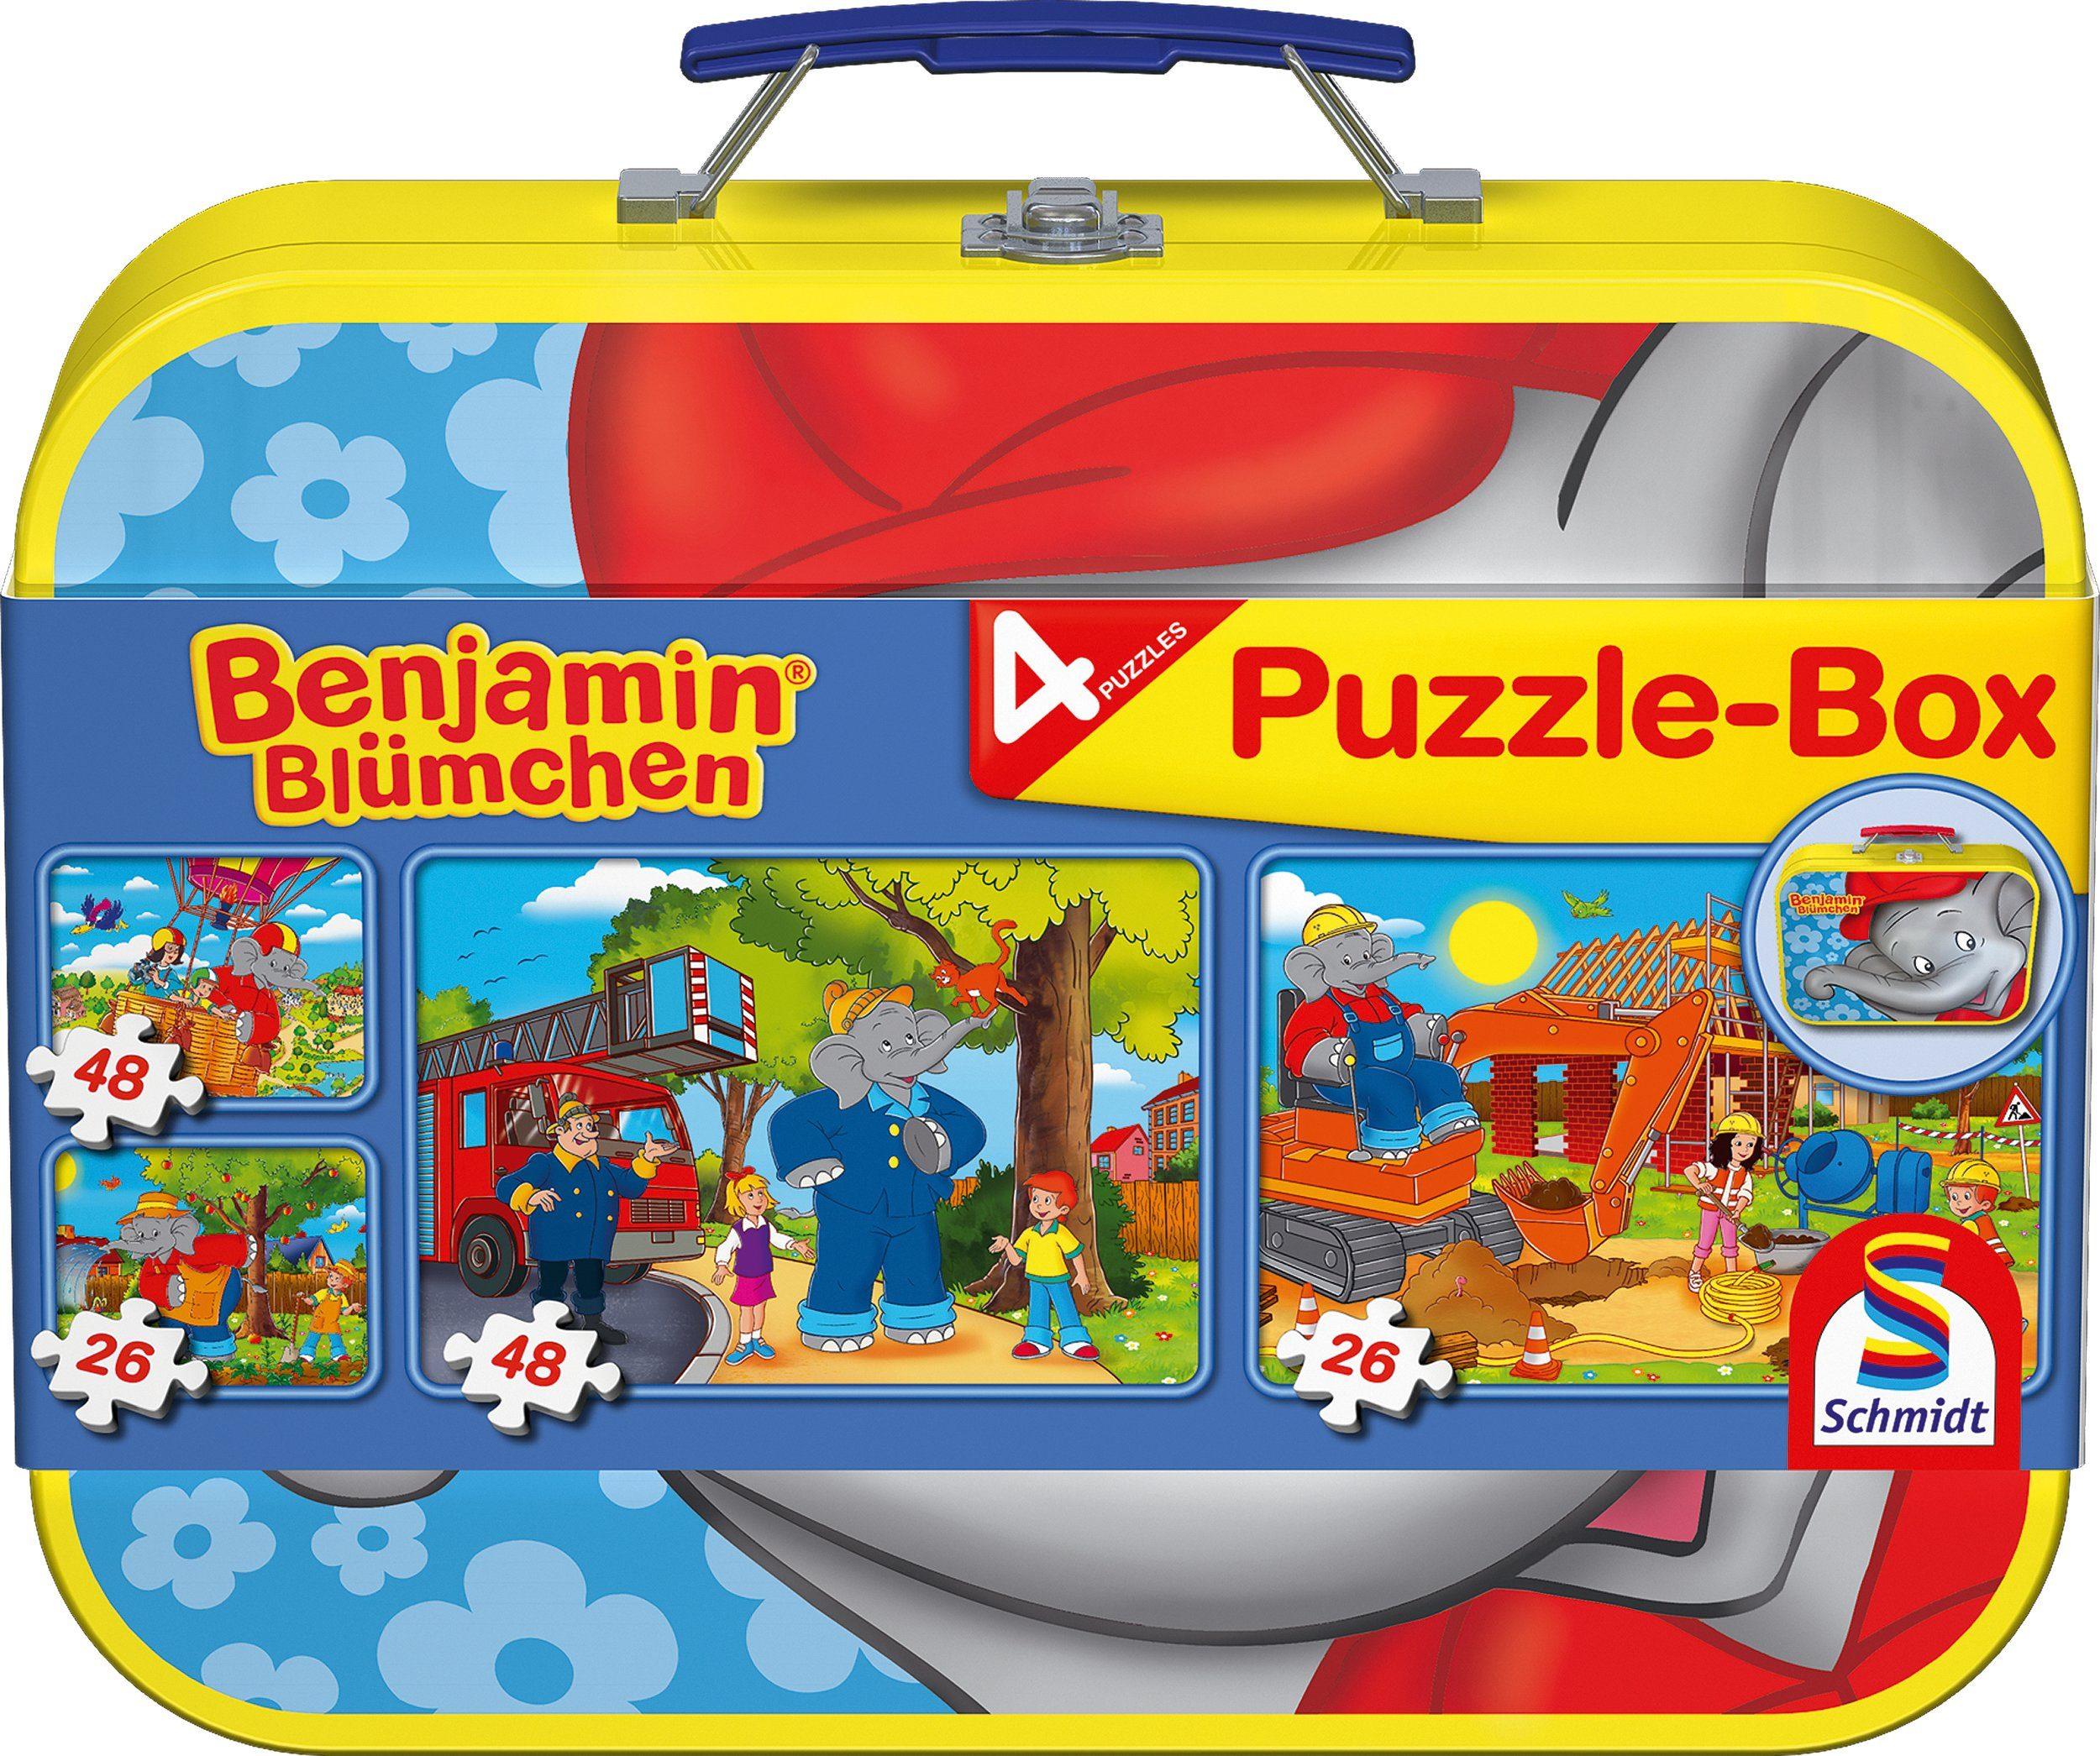 Schmidt Spiele Kinderpuzzleset 2x26 und 2x48 Teilen, »Puzzlebox im Metallkoffer, Benjamin Blümchen®«